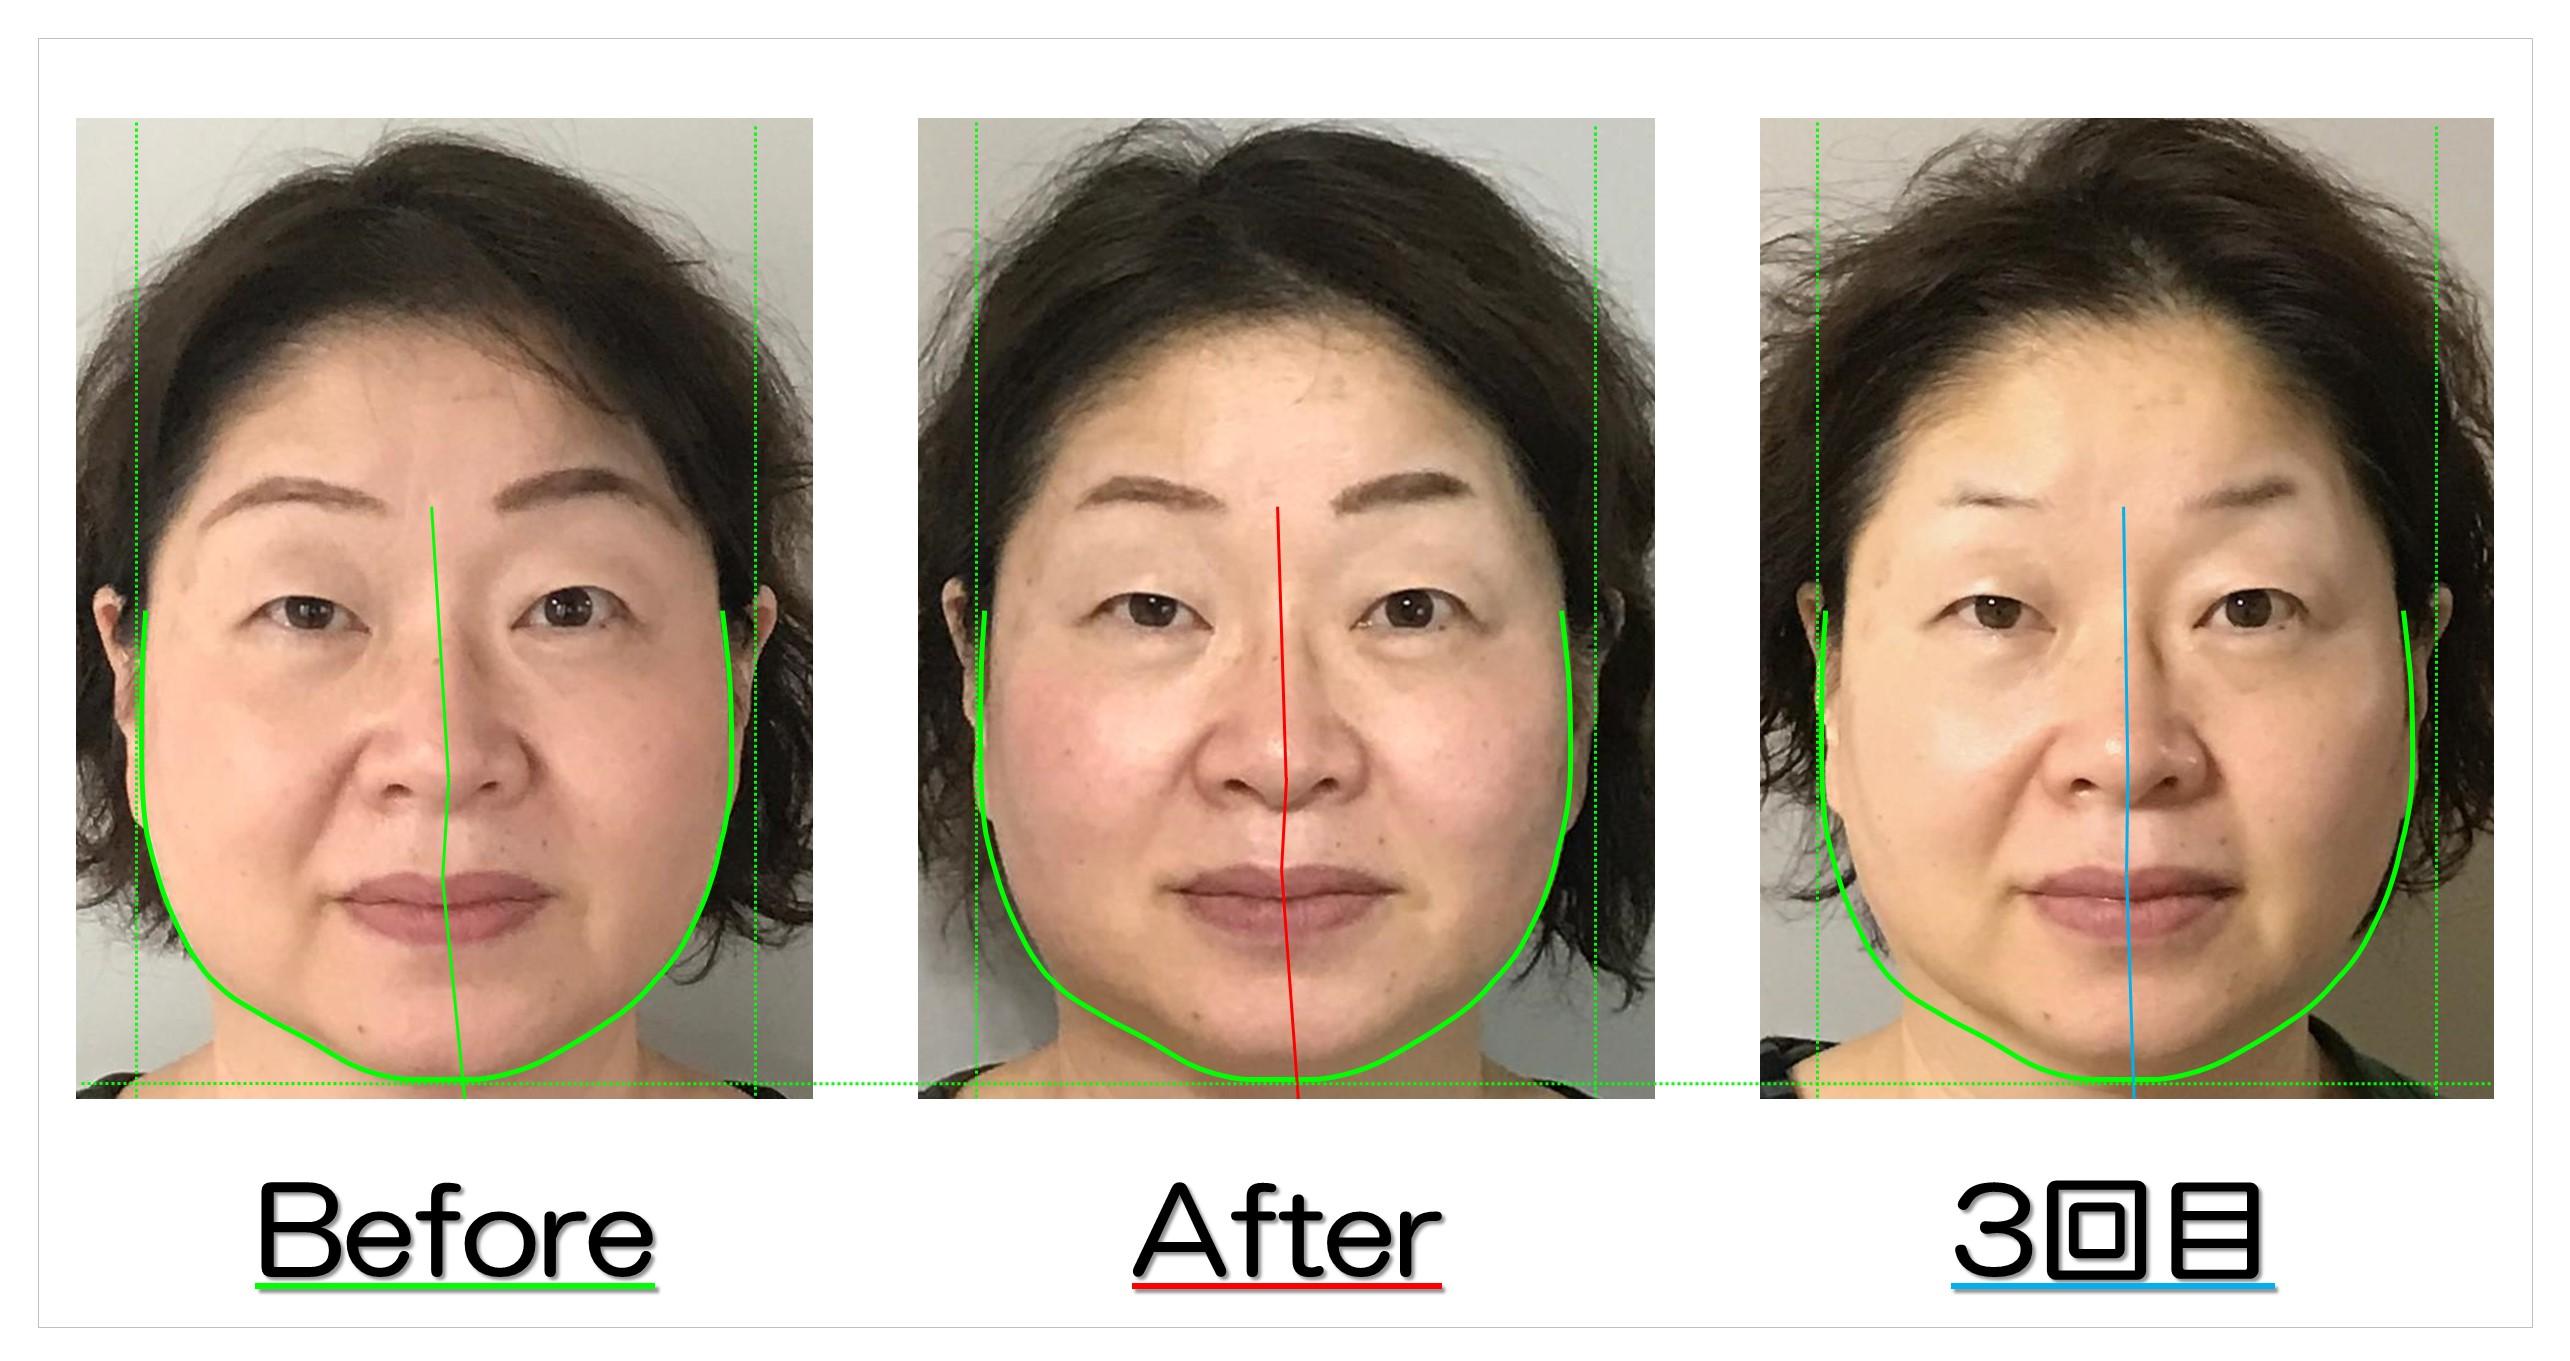 頬のたるみとエラ張りが改善! | 滋賀守山市の小顔歪み矯正